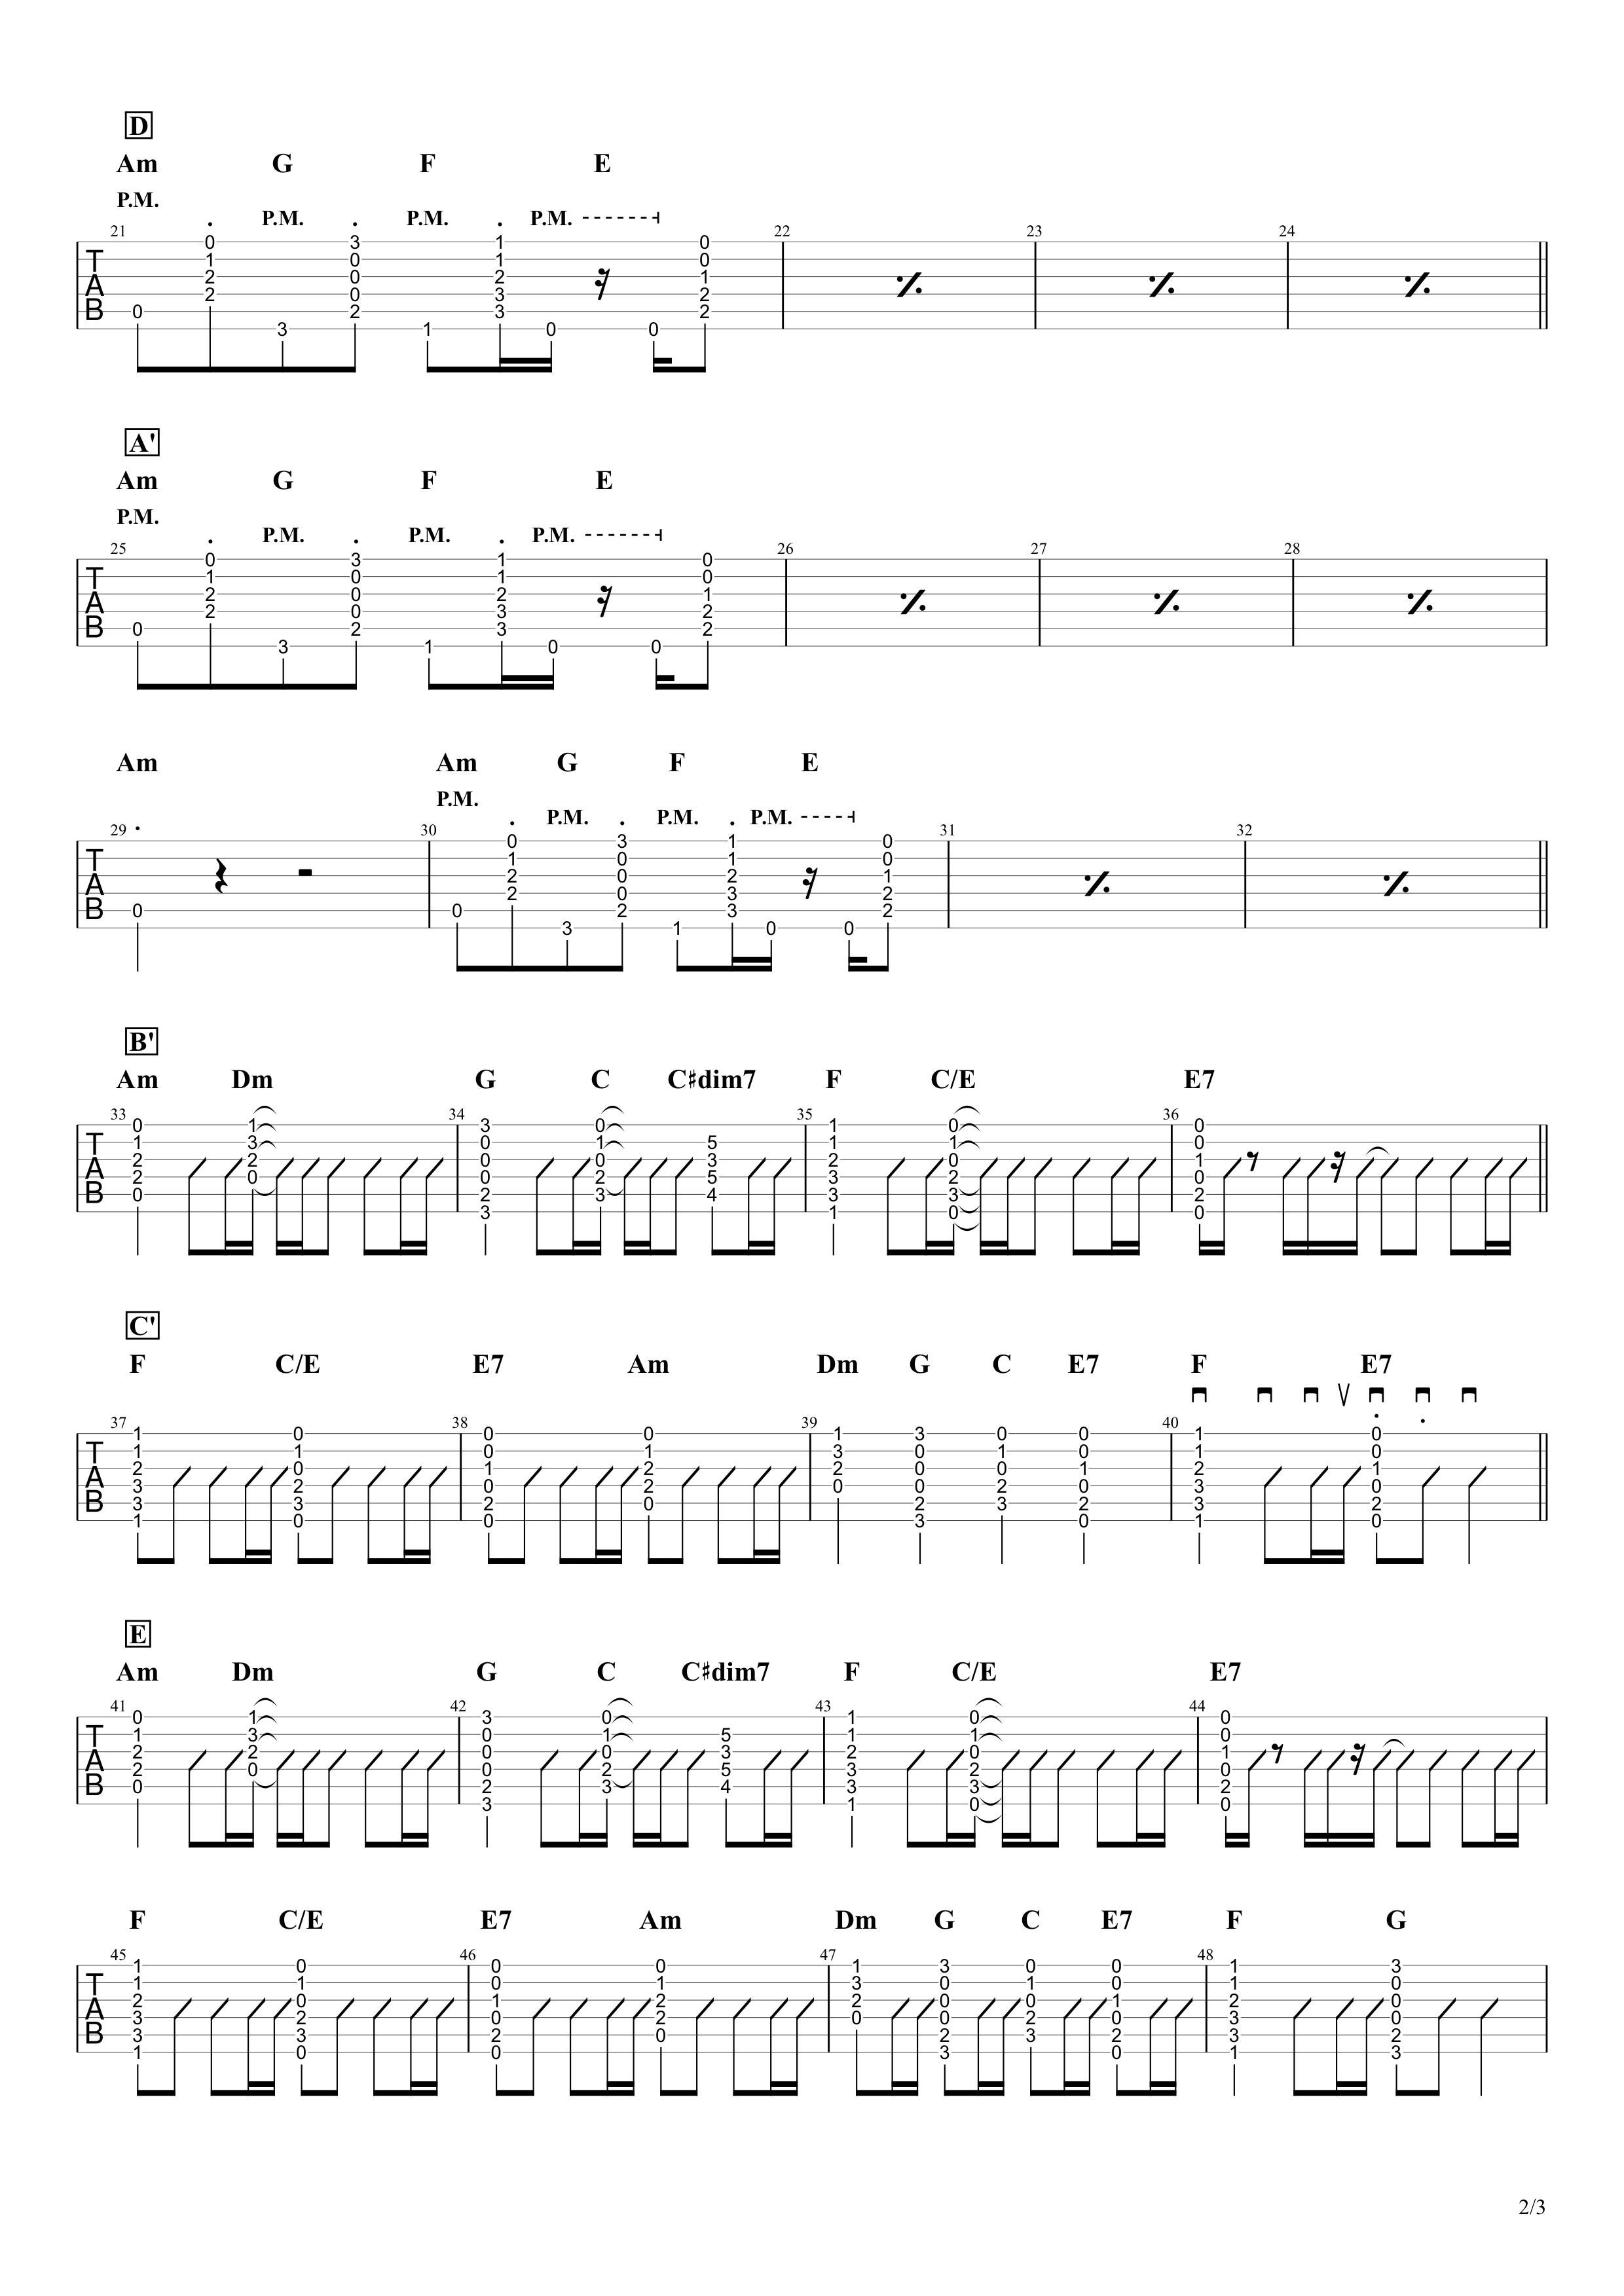 春ひさぎ/ヨルシカ ギタータブ譜 コードストロークざっくり再現Ver.02